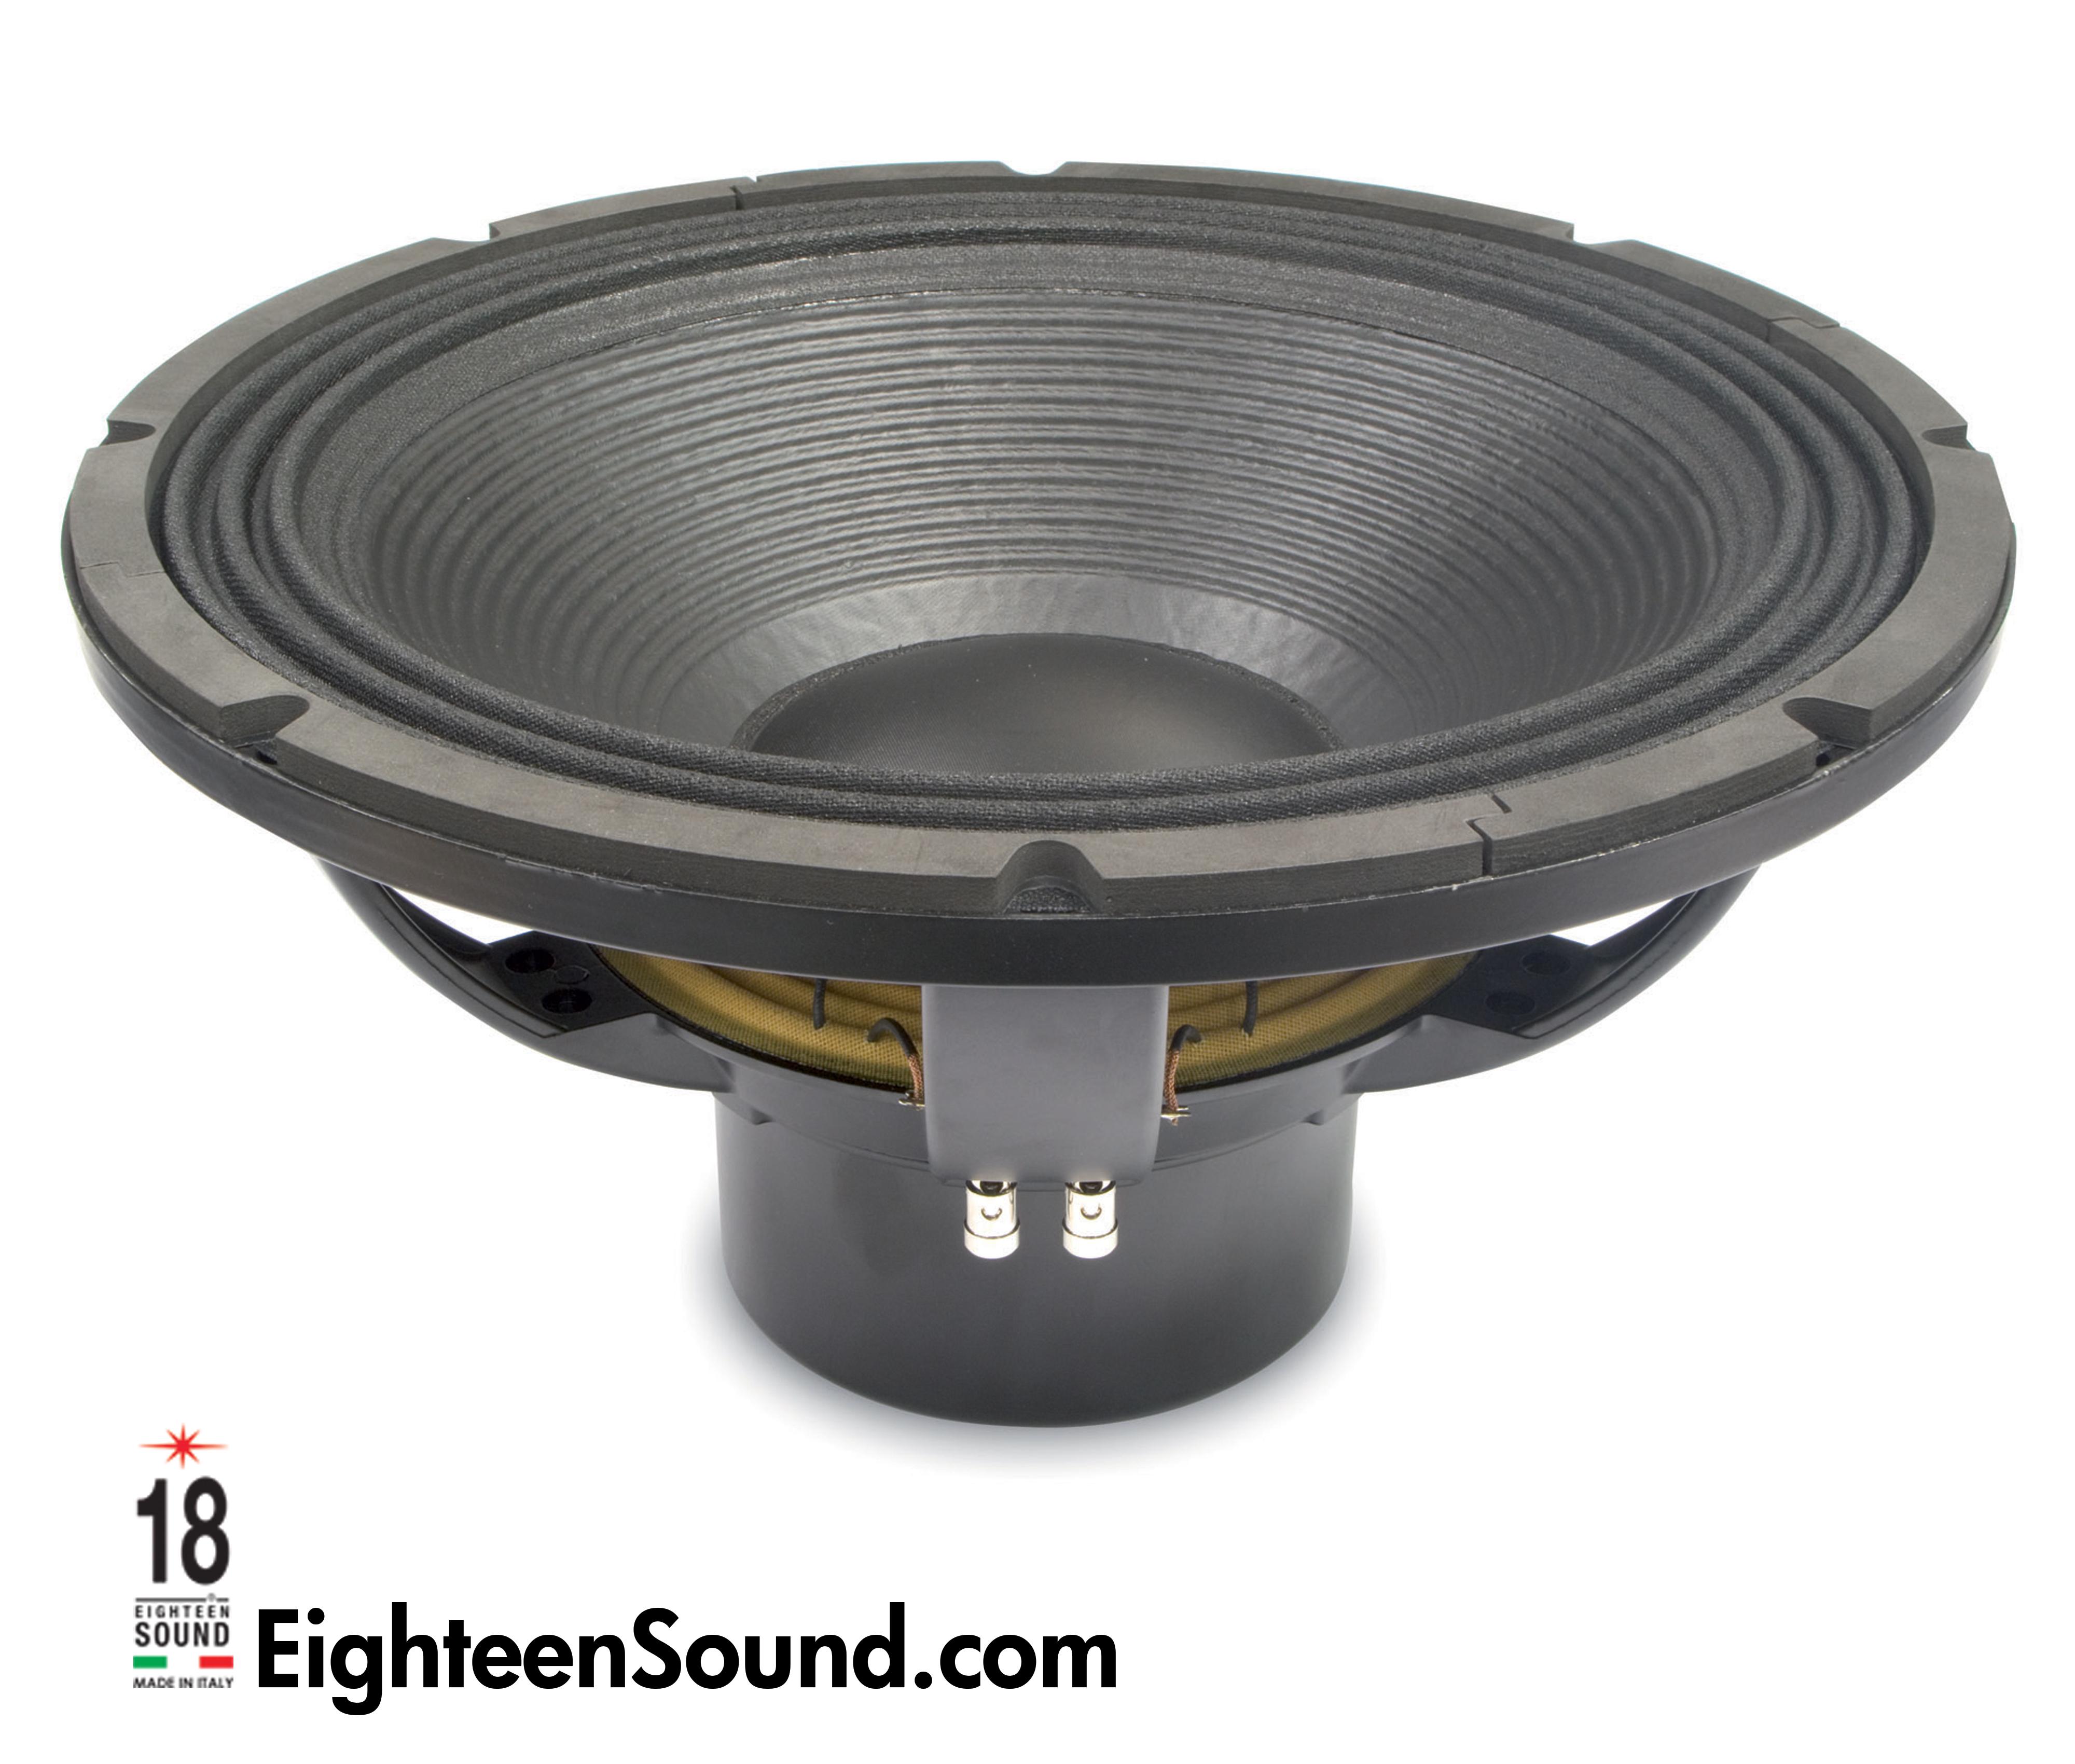 eighteensound 18nlw9601 extended lf neodymium treiber lautsprecher lautsprecher. Black Bedroom Furniture Sets. Home Design Ideas